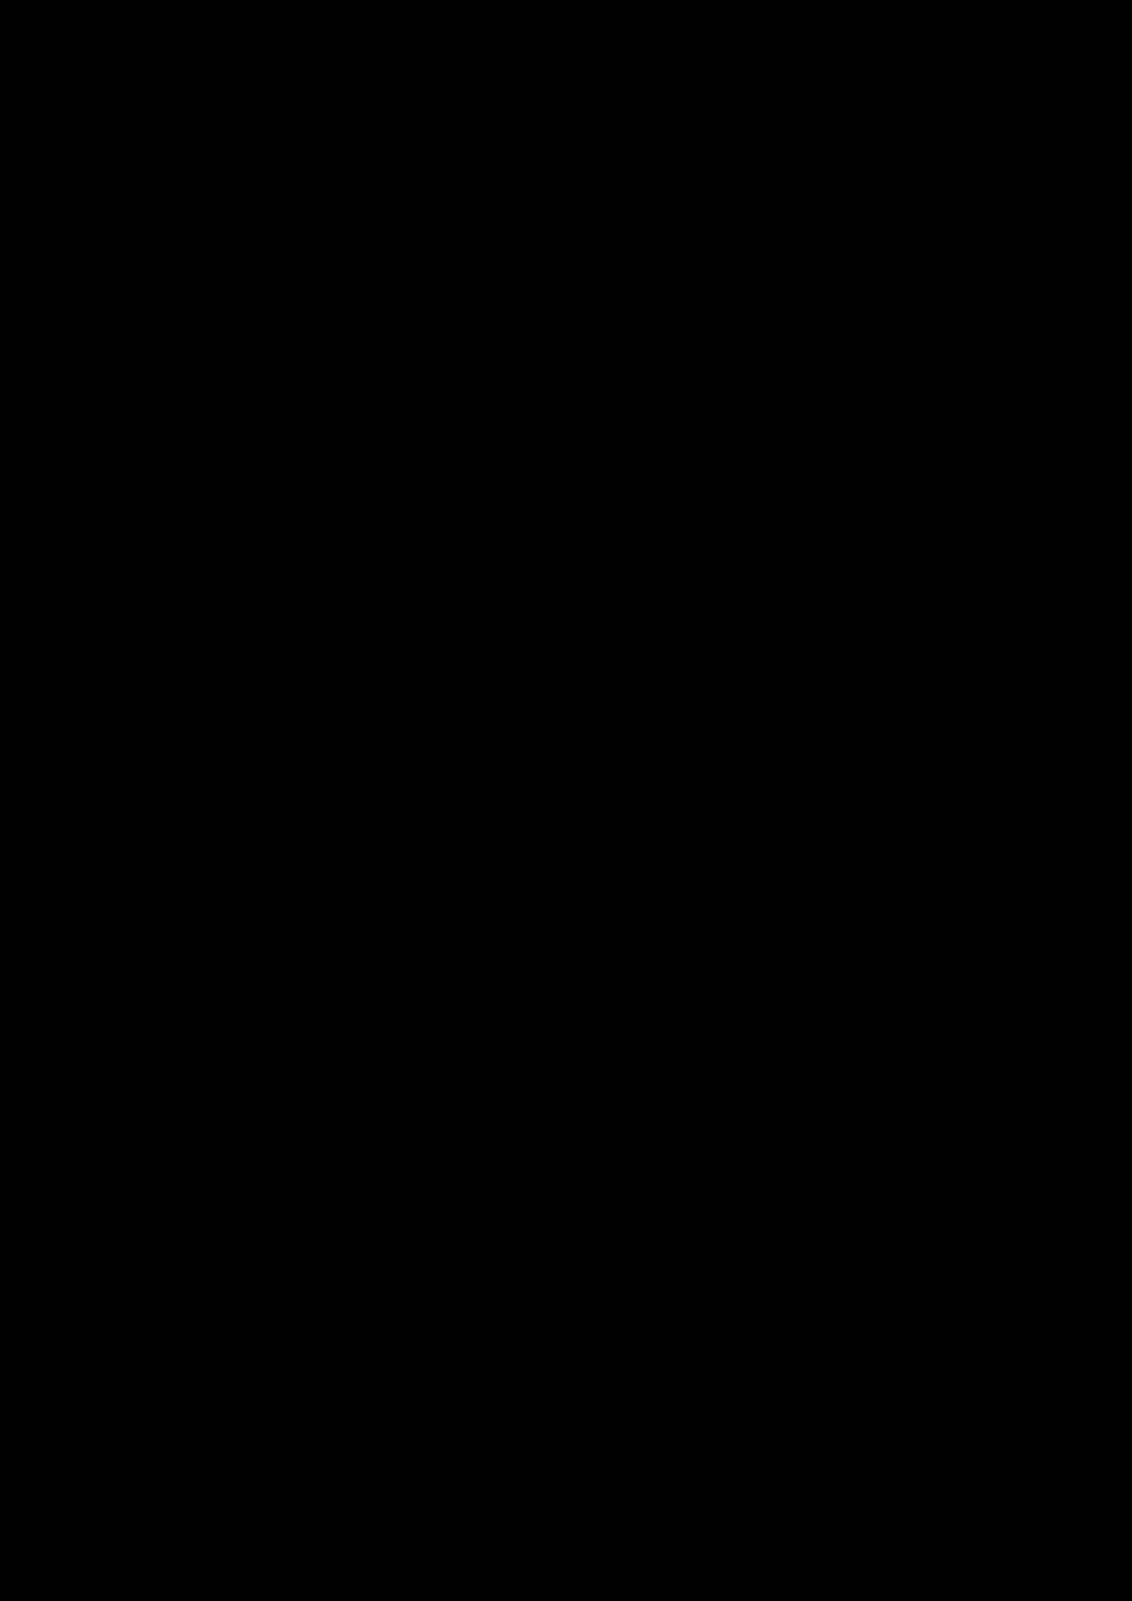 Vyibor Est slide, Image 39